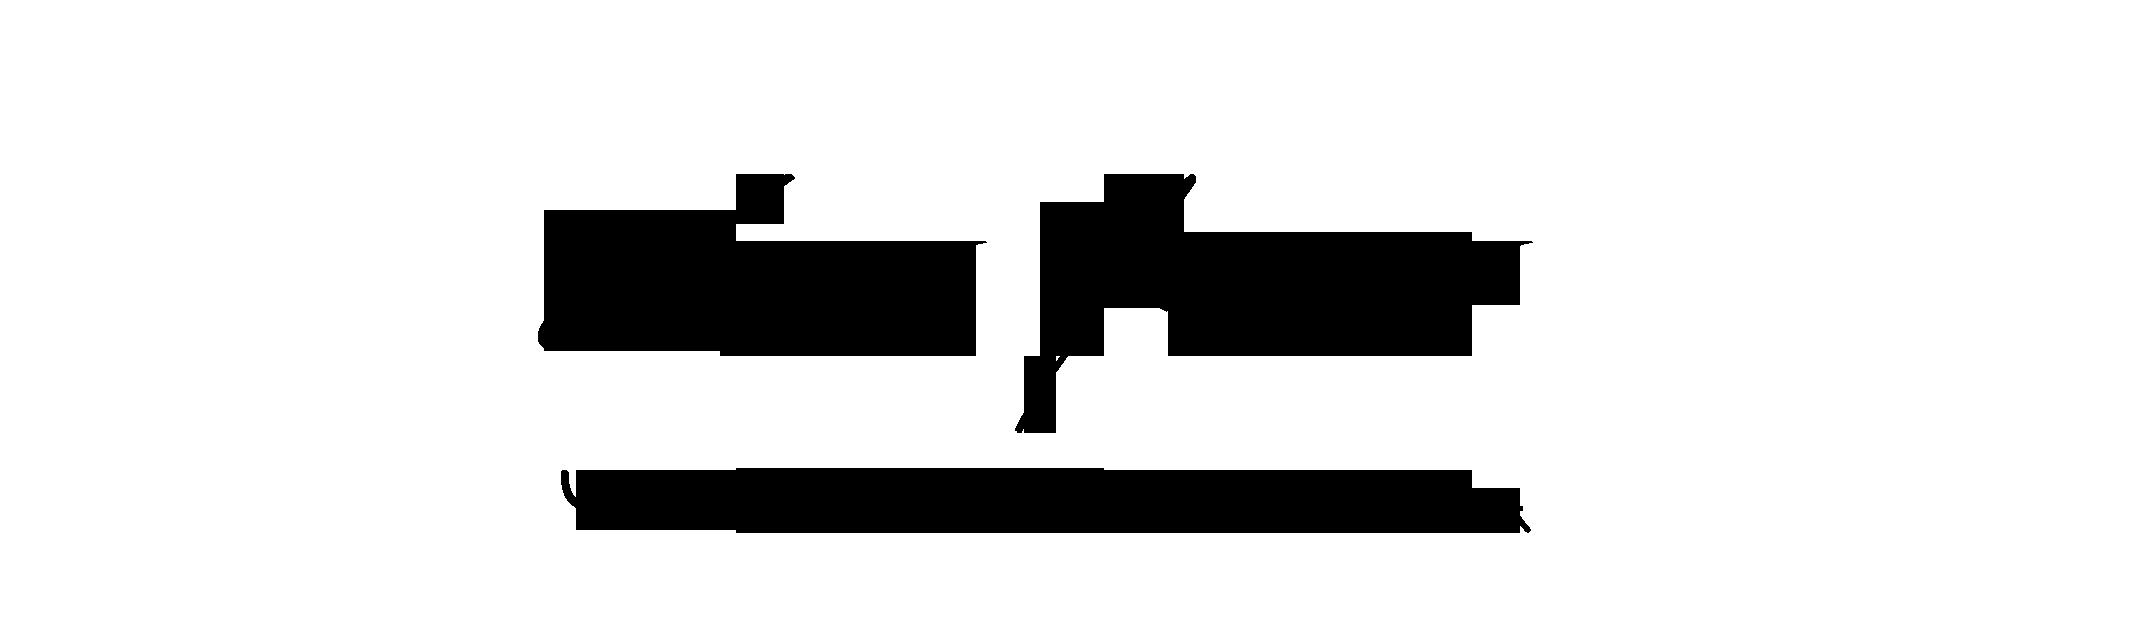 Χάρης Πούγιας